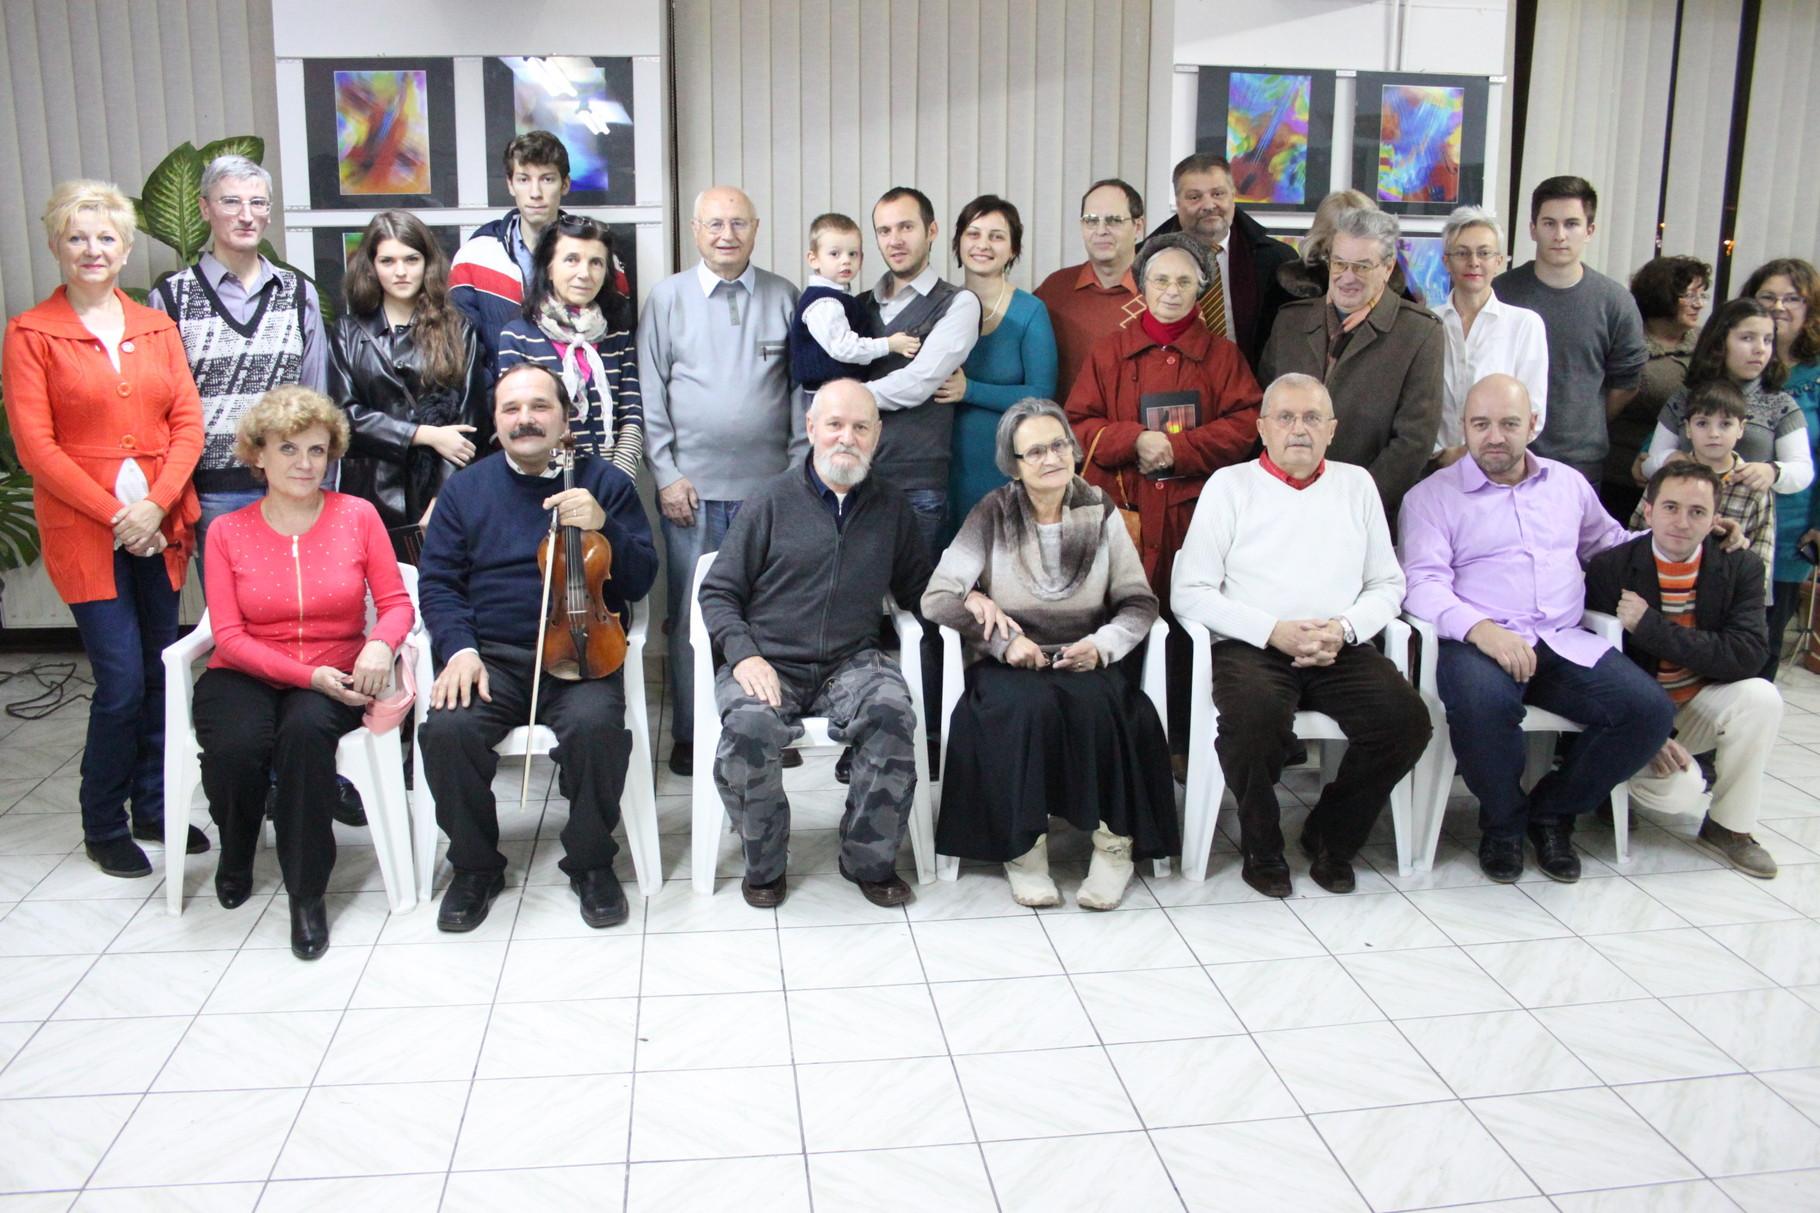 2014.19.12 - Oradea (RO)